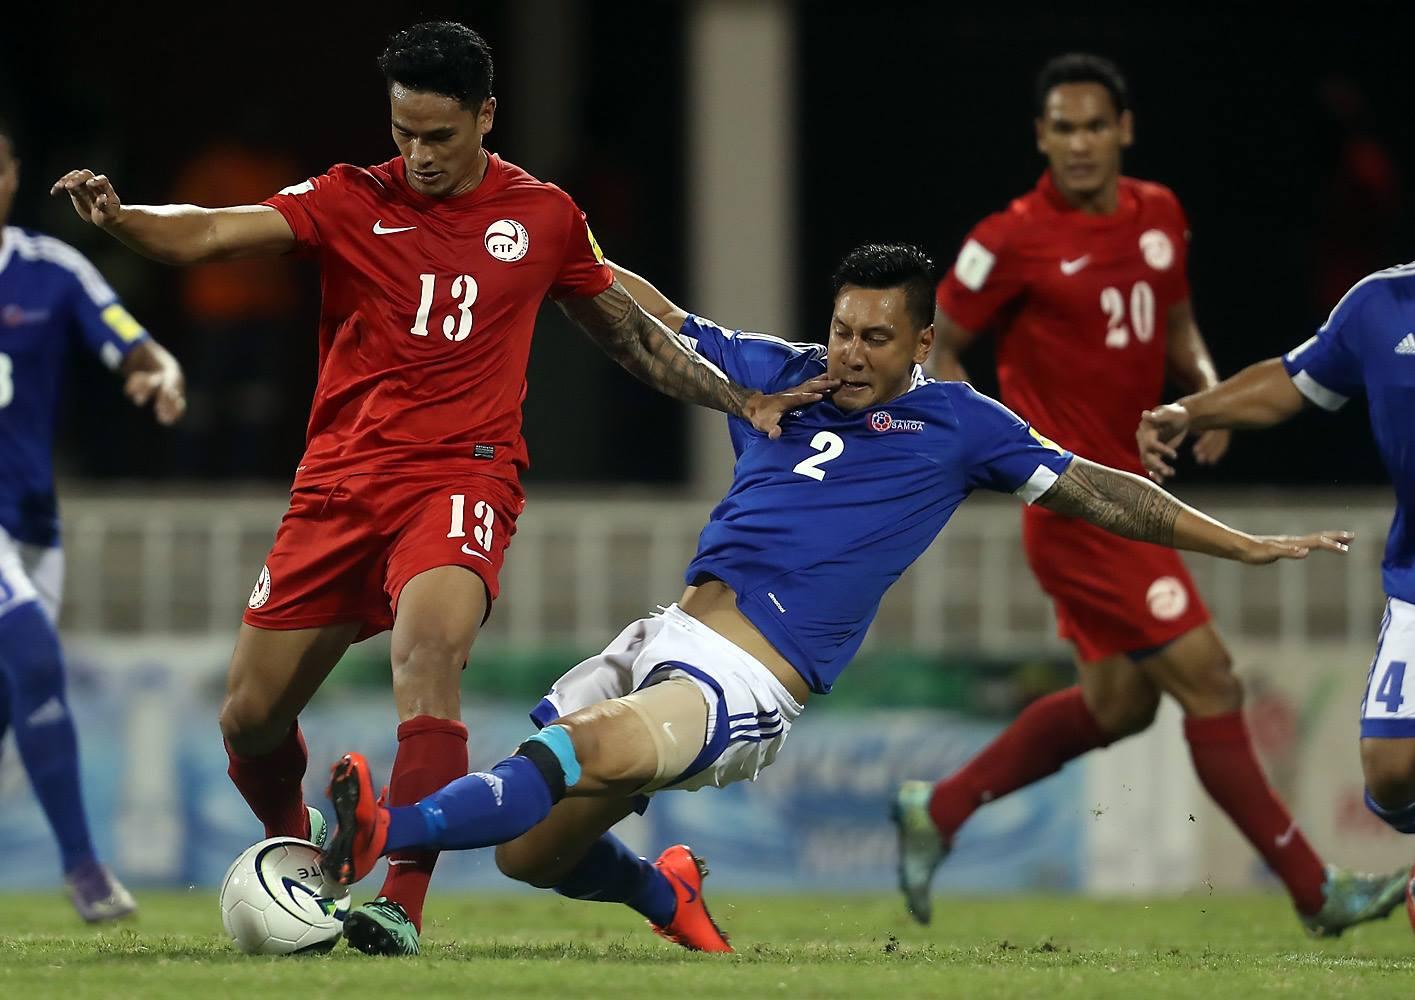 Steevy Chong Hue avait marqué le but de la victoire en finale en 2012, il marque encore cette fois-ci